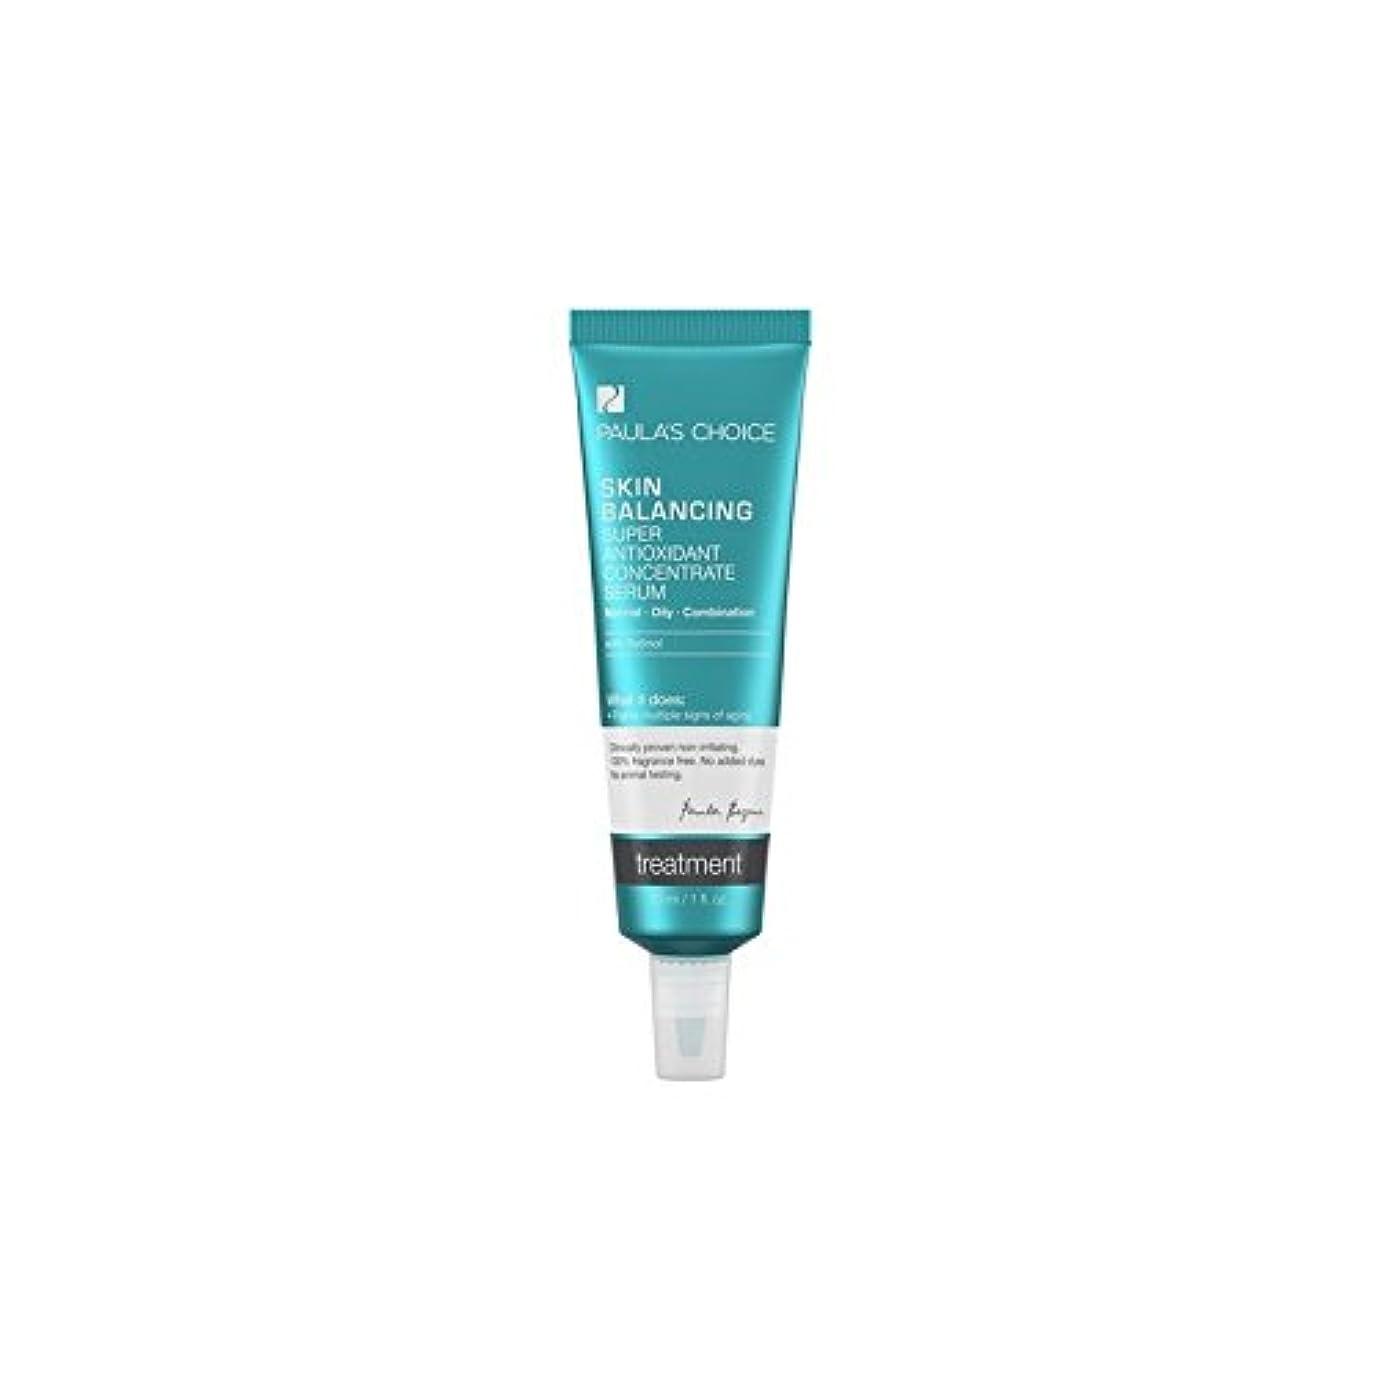 幸運気質再生的Paula's Choice Skin Balancing Super Antioxidant Concentrate Serum With Retinol (30ml) (Pack of 6) - レチノールとスーパー抗酸化濃縮血清のバランスをとるポーラチョイスのスキン(30ミリリットル) x6 [並行輸入品]